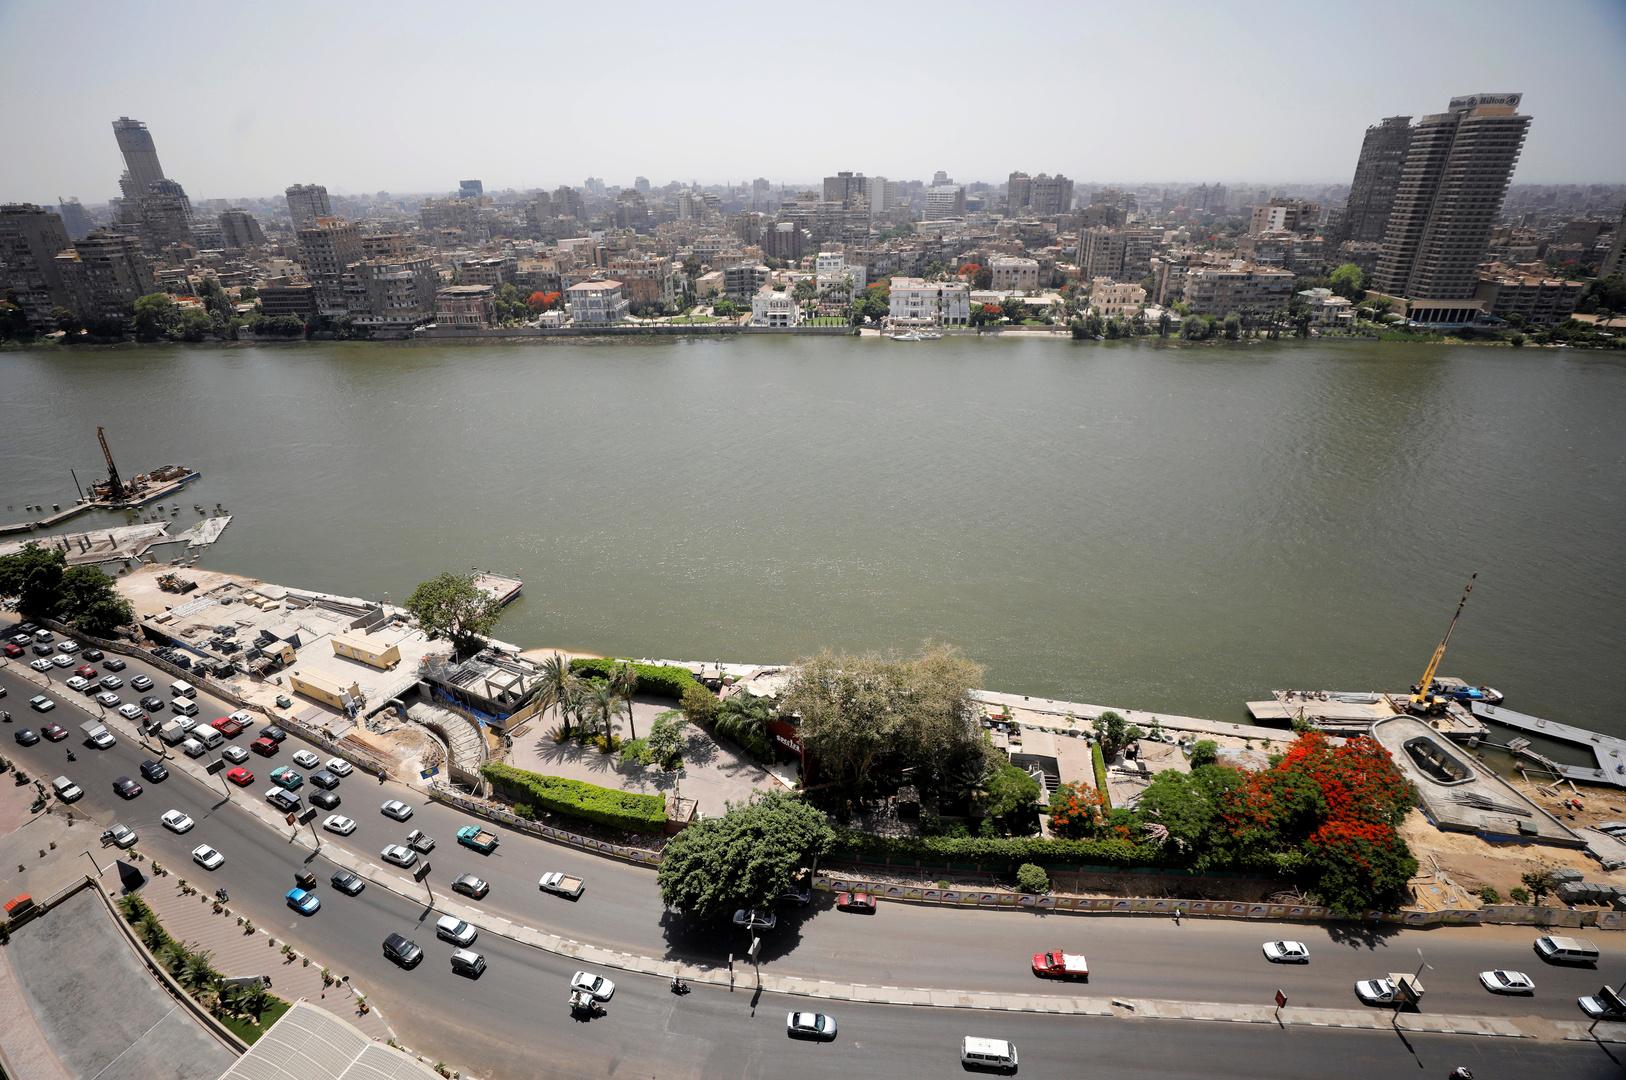 الصحة المصرية تحذر المواطنين: الأسبوع المقبل خطر